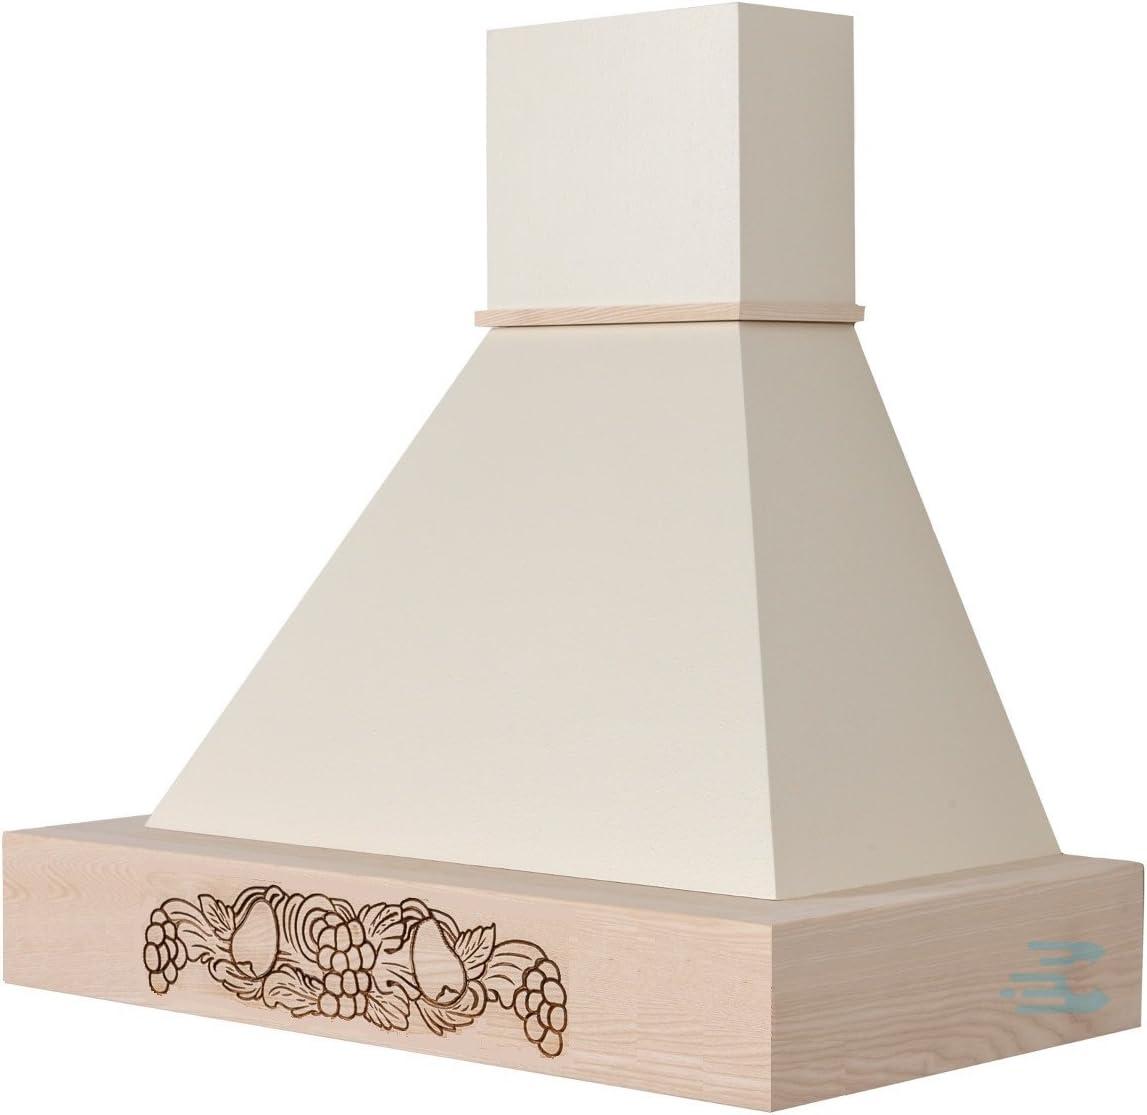 Campana de cocina rústica Mod. Vanessa, de pared – borde de color crema sin pulir: Amazon.es: Hogar